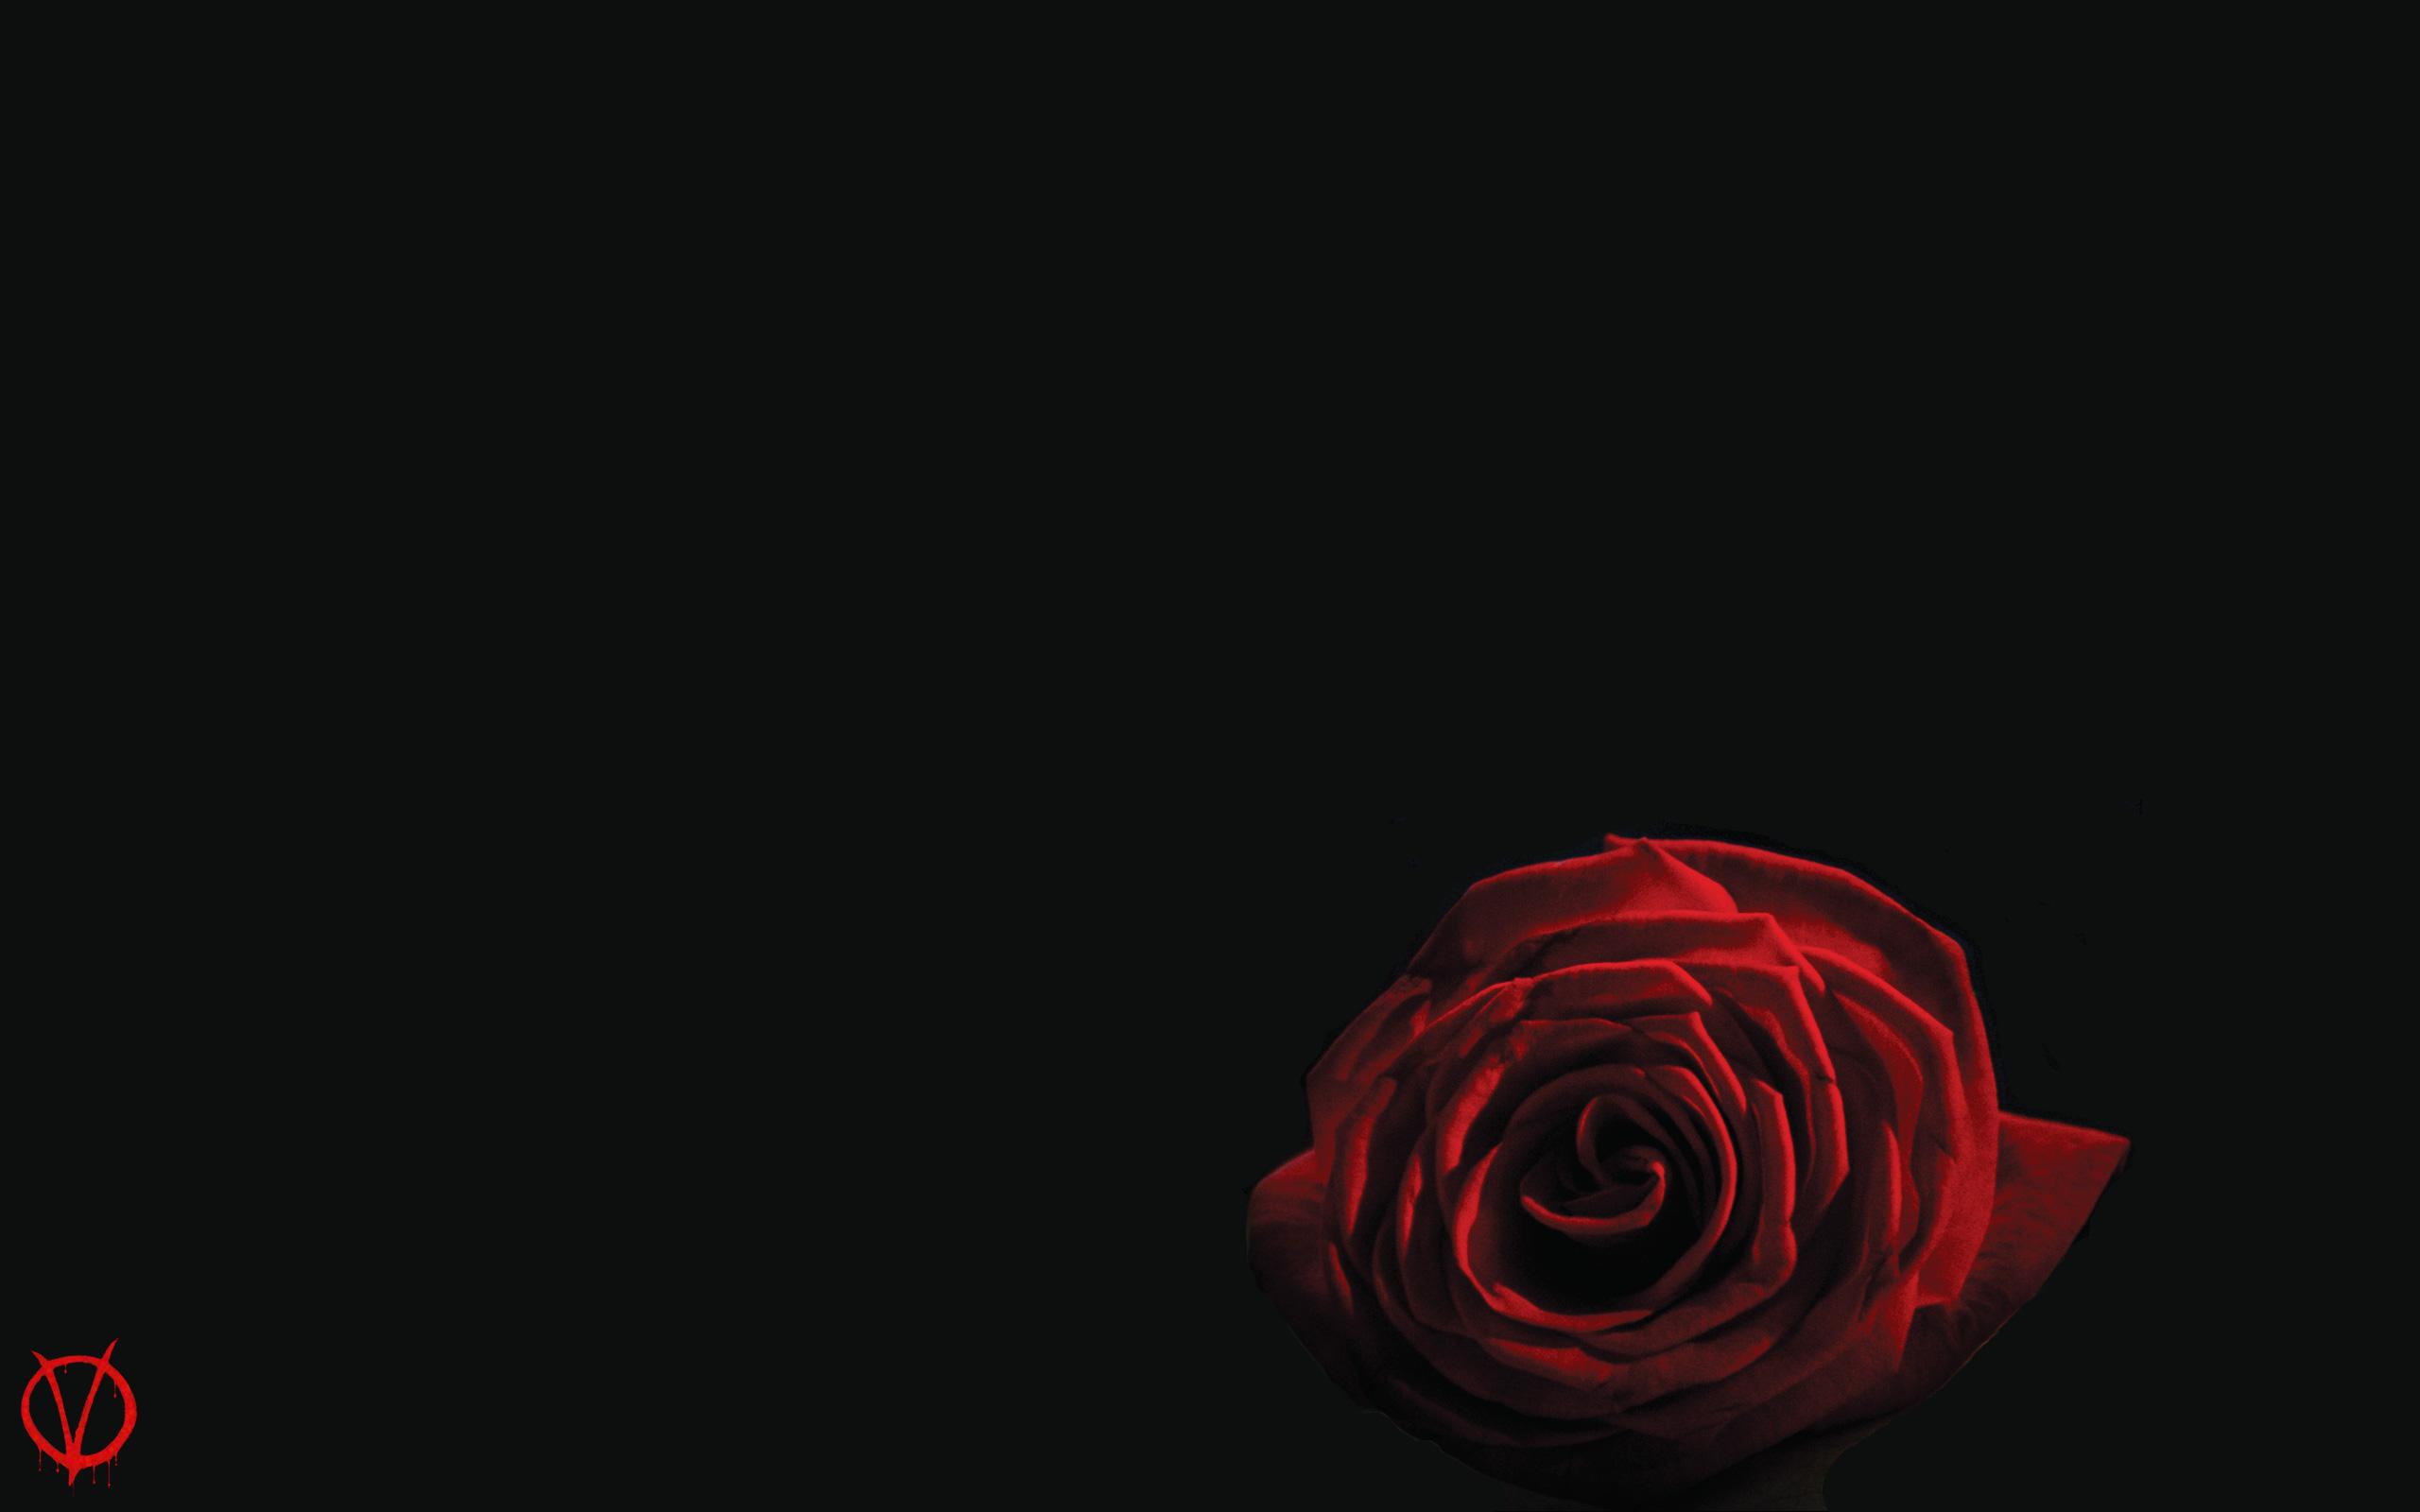 for Vendetta HD desktop wallpaper V for Vendetta wallpapers 2560x1600